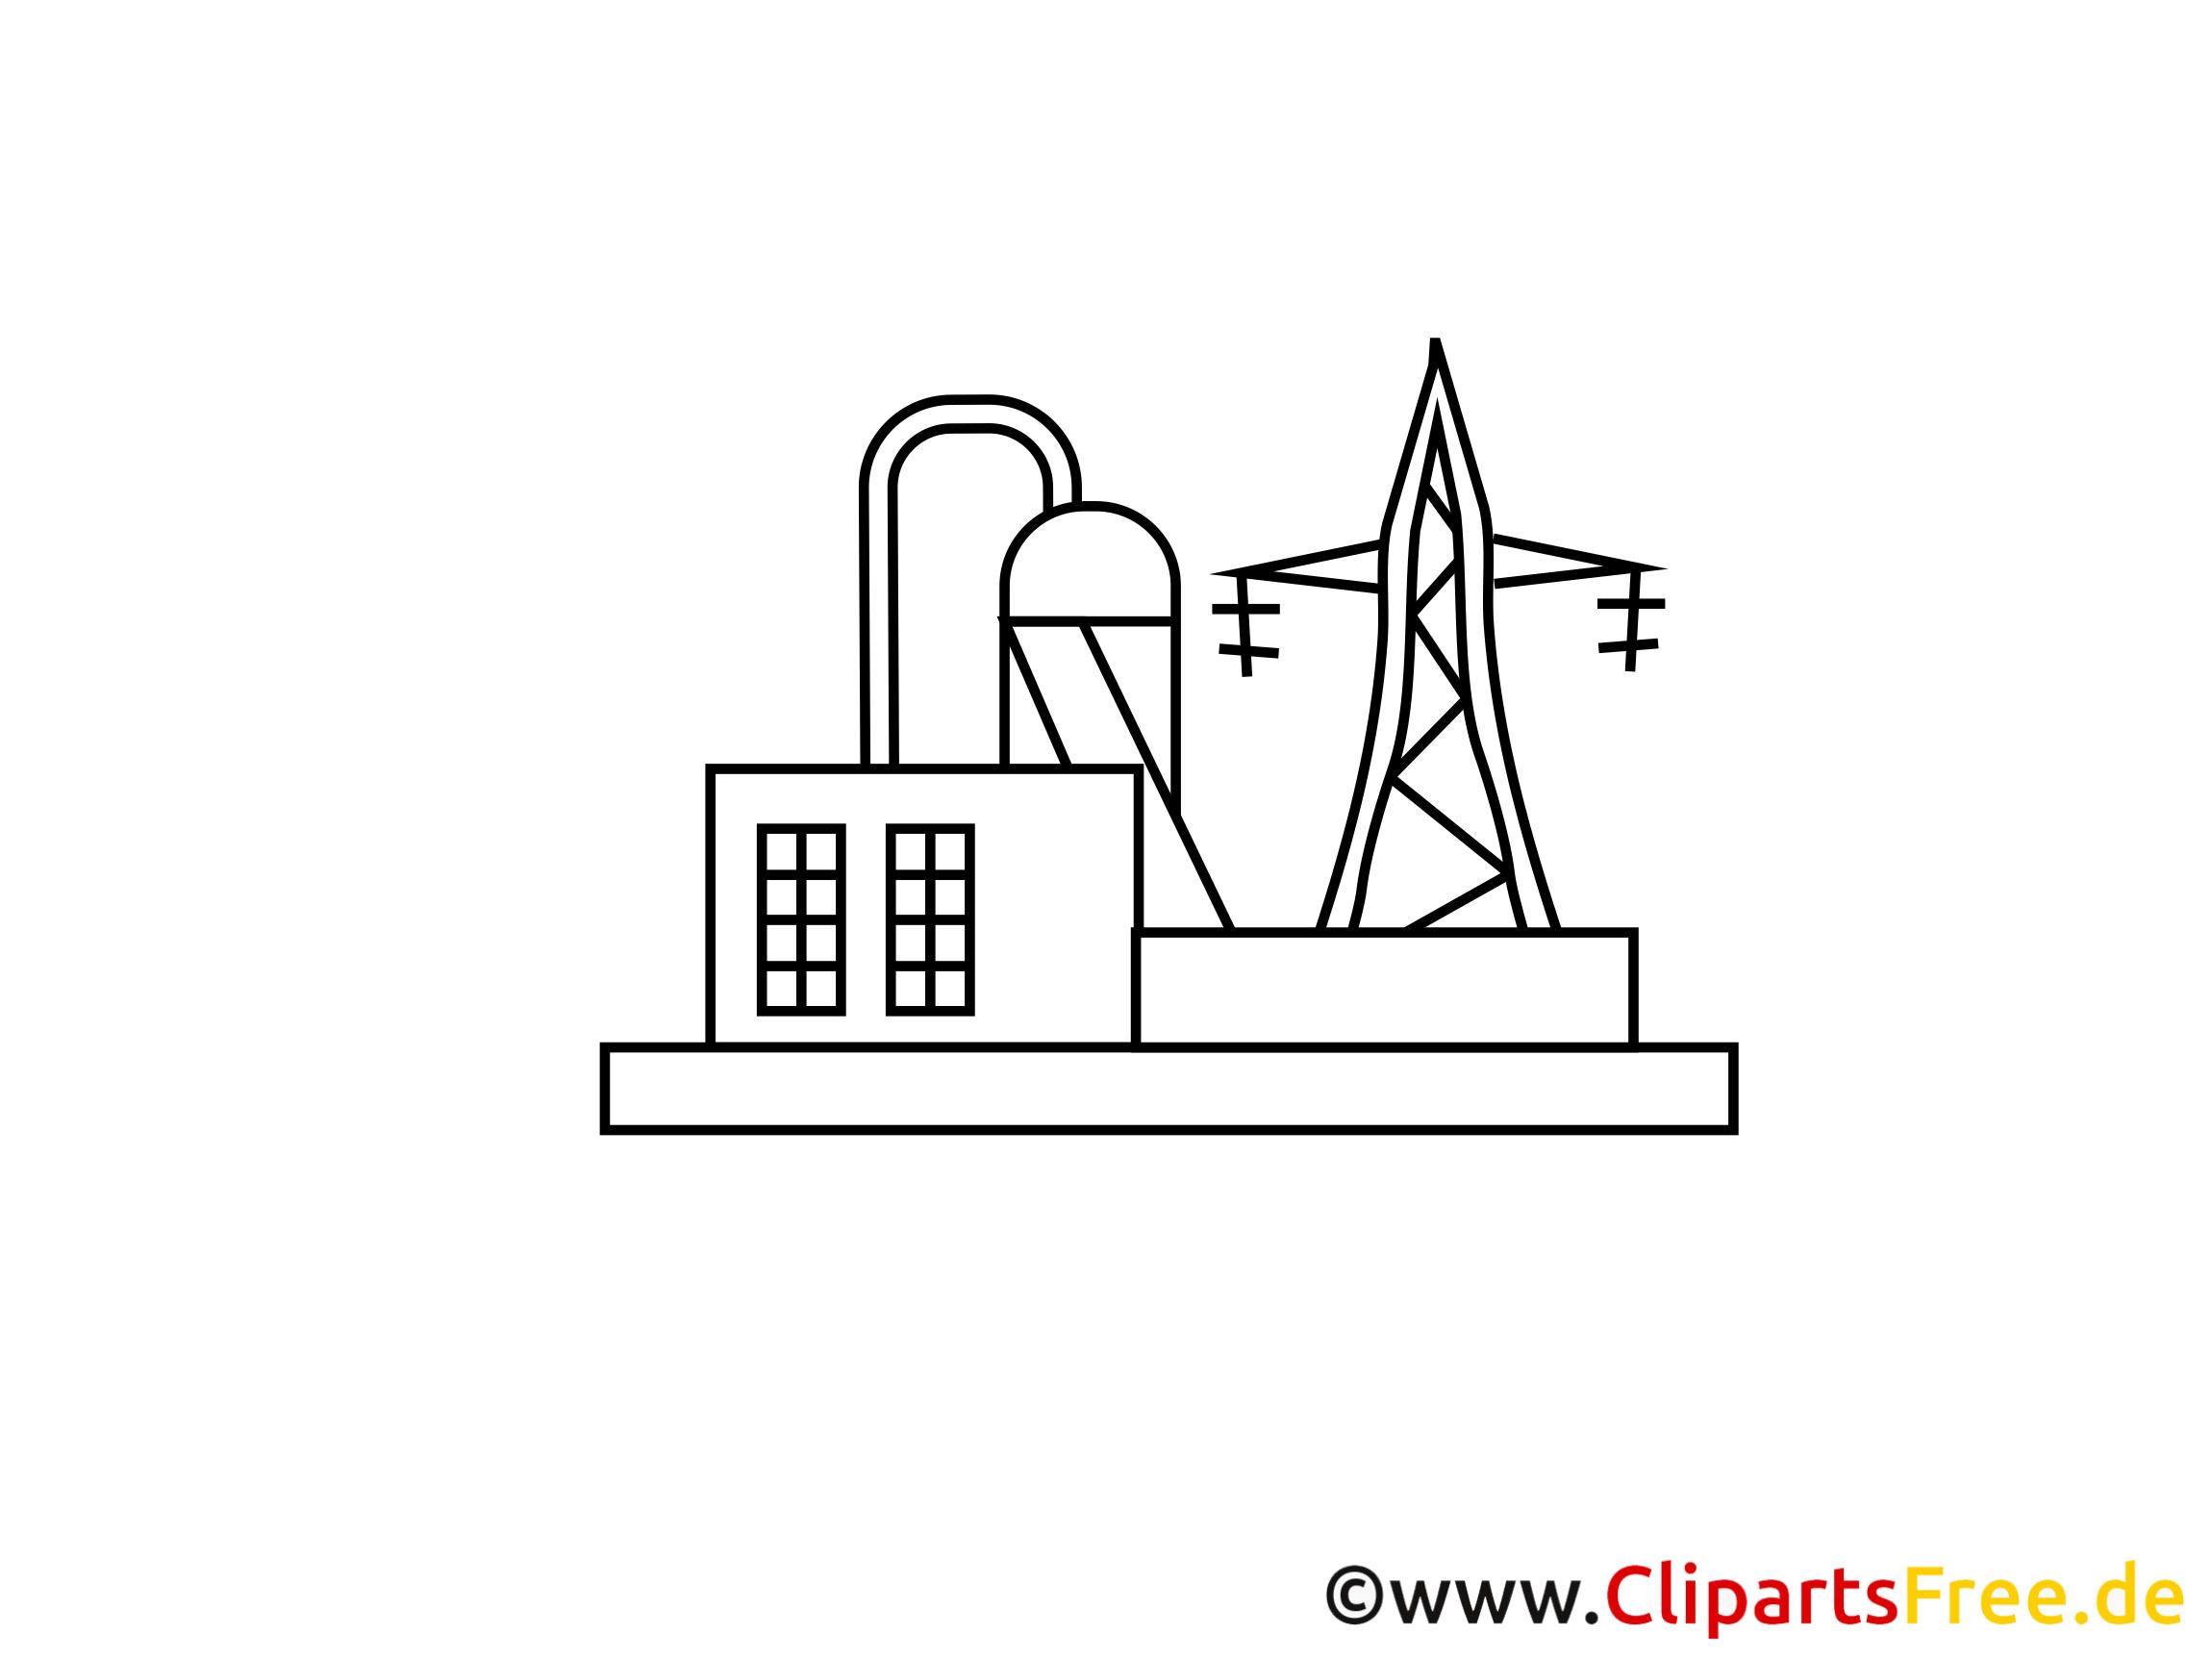 Stromerzeugung, Kraftwerk Zeichnung, Grafik, Clipart, Bild.